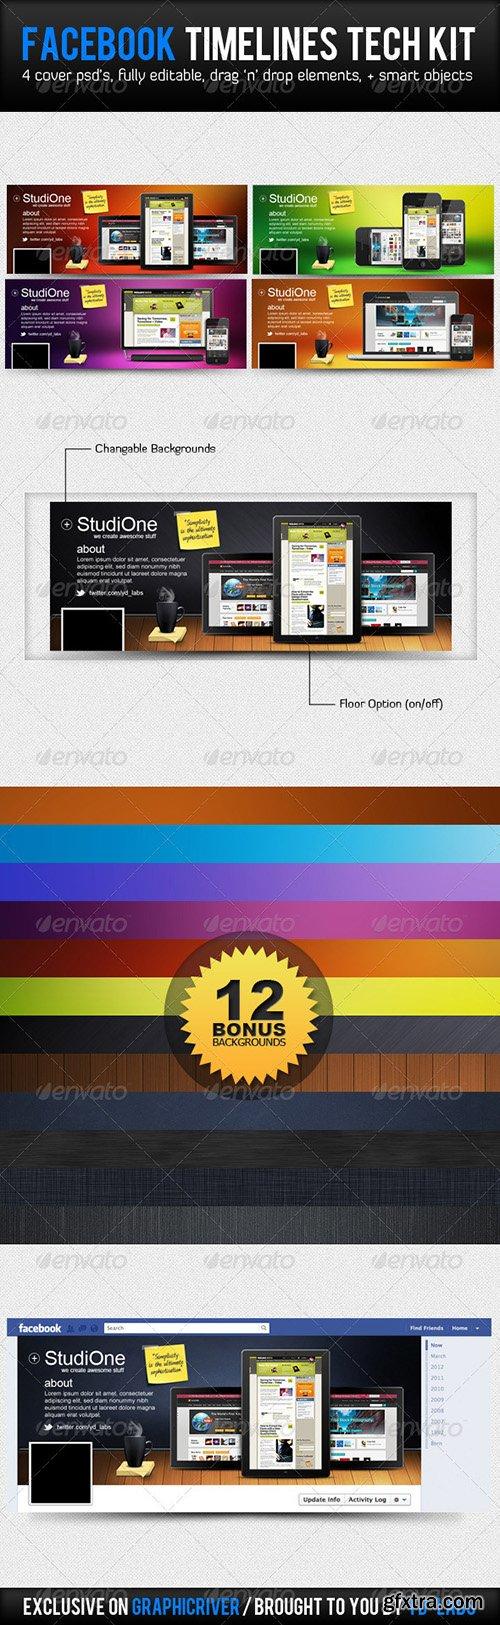 Graphicriver FB Timelines Bundle V3 3394071